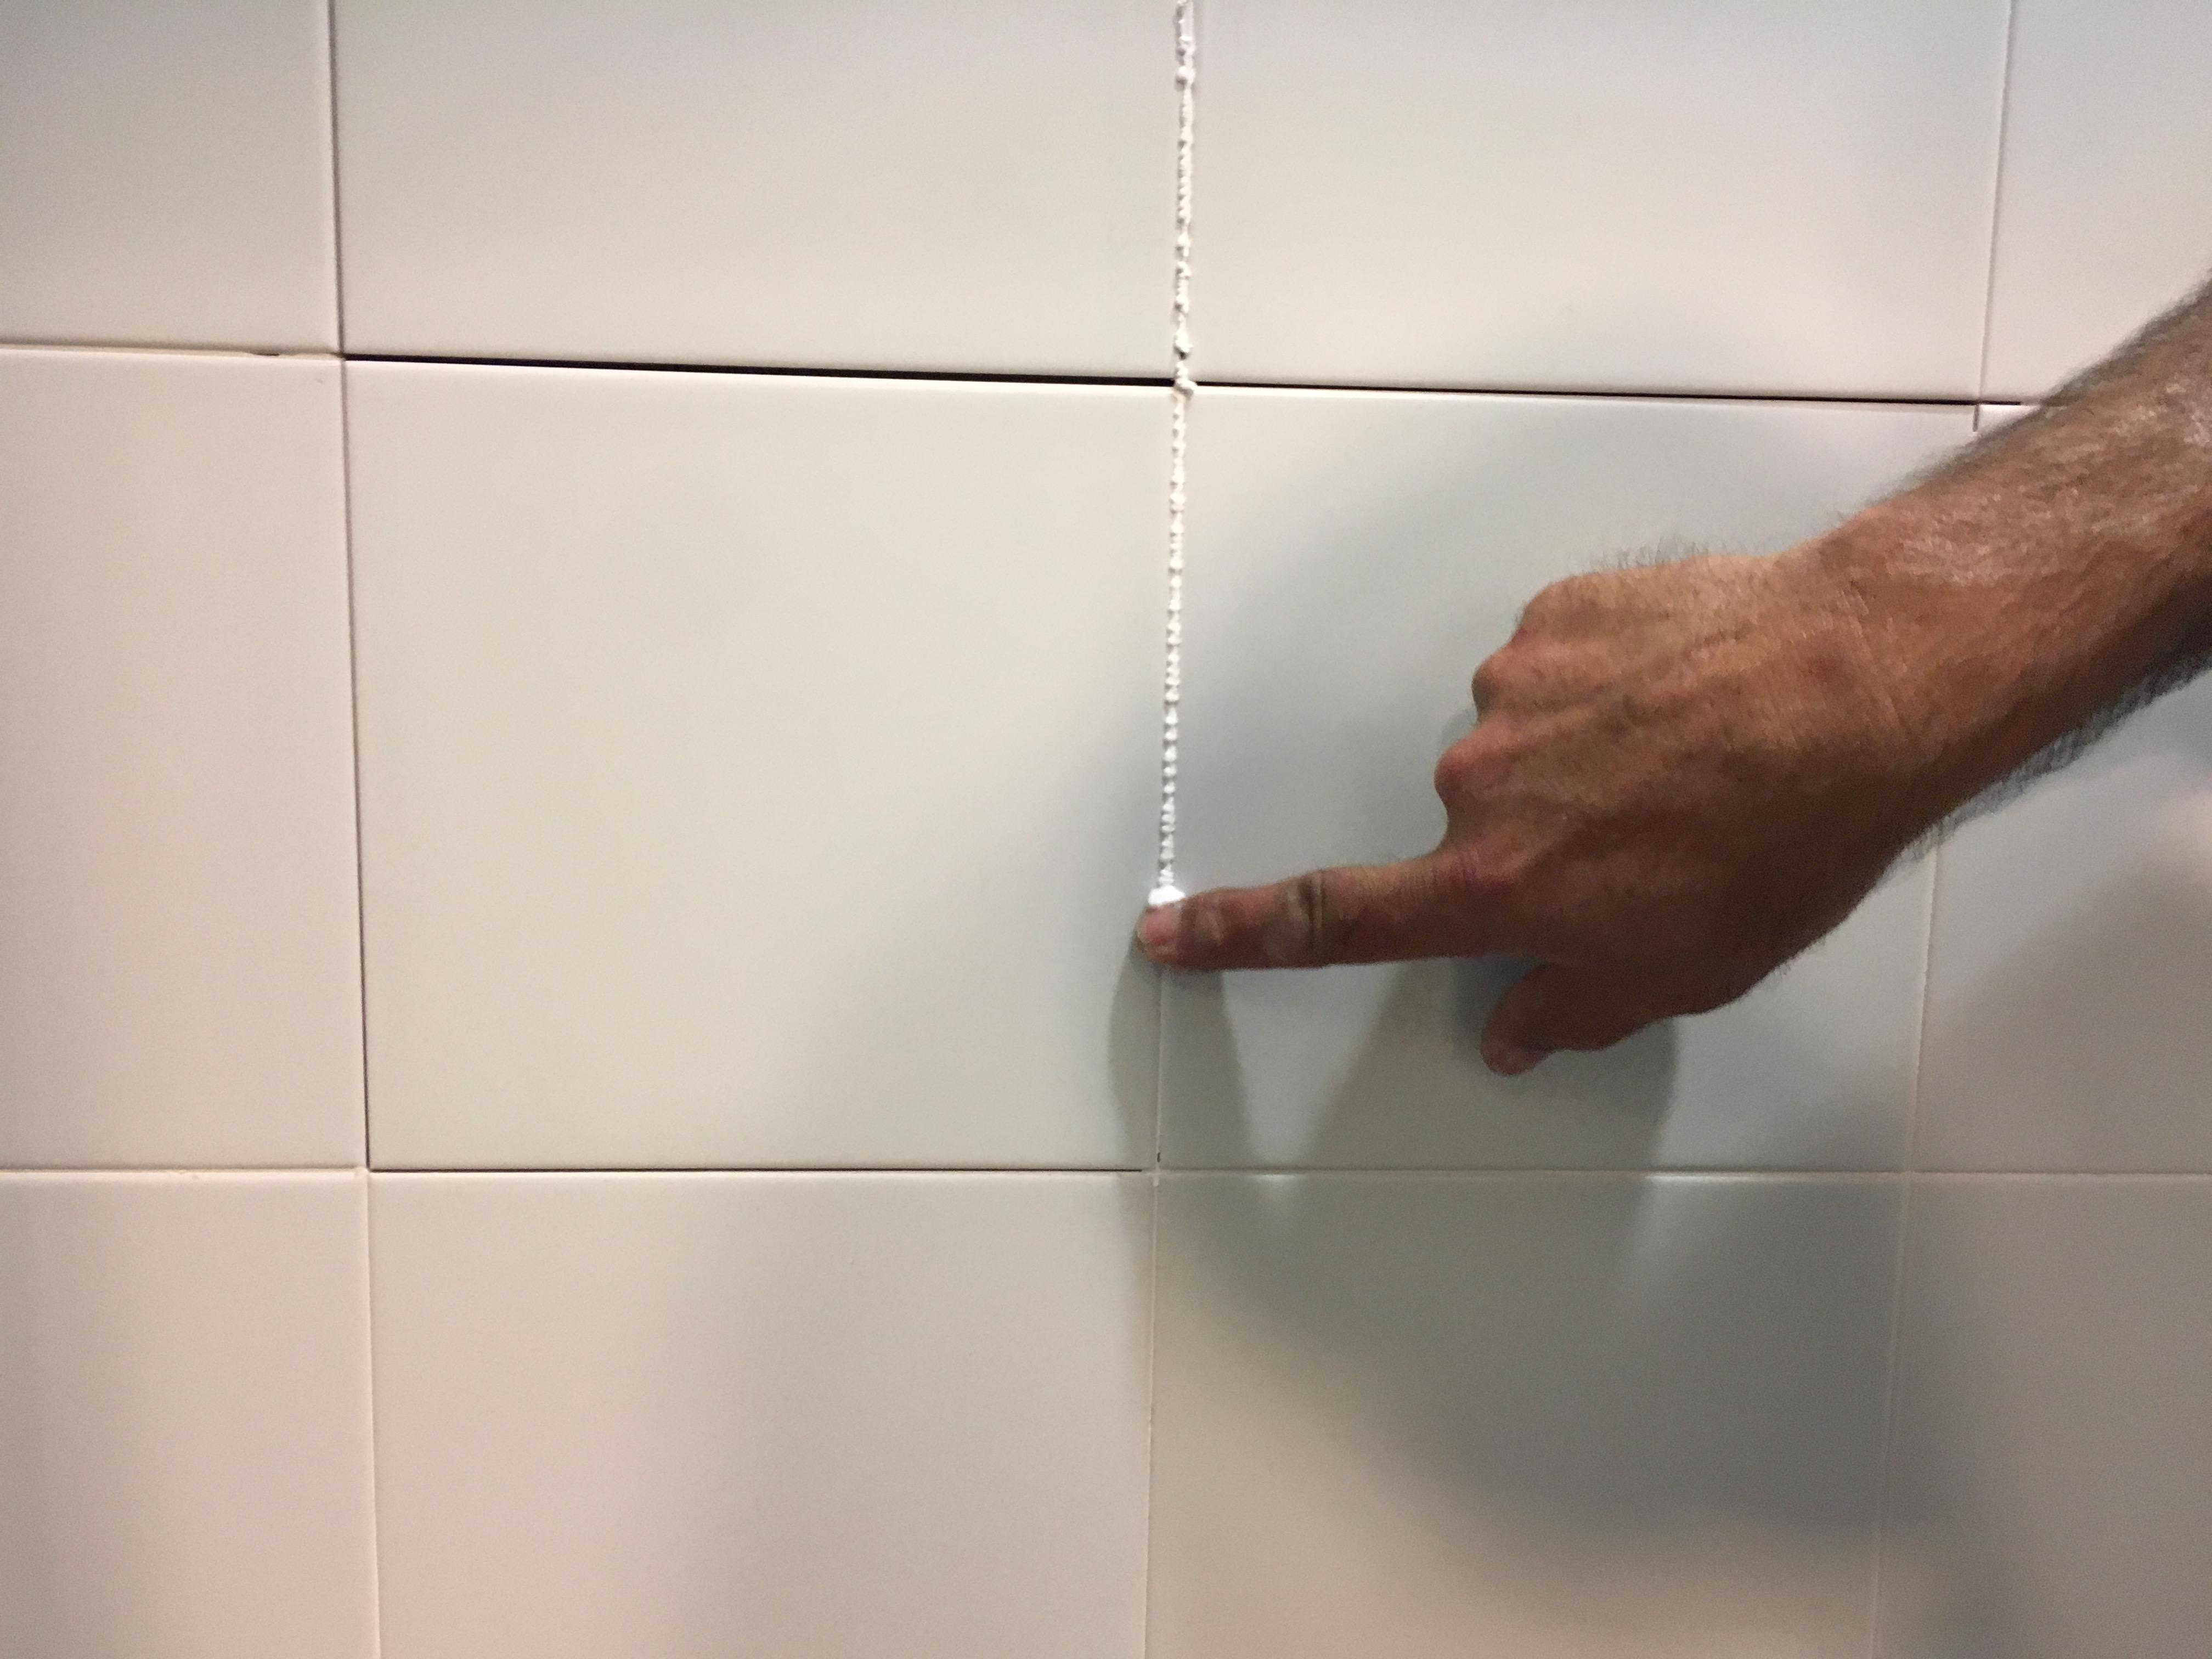 C mo arreglar las baldosas del ba o ceys for Como arreglar la regadera del bano